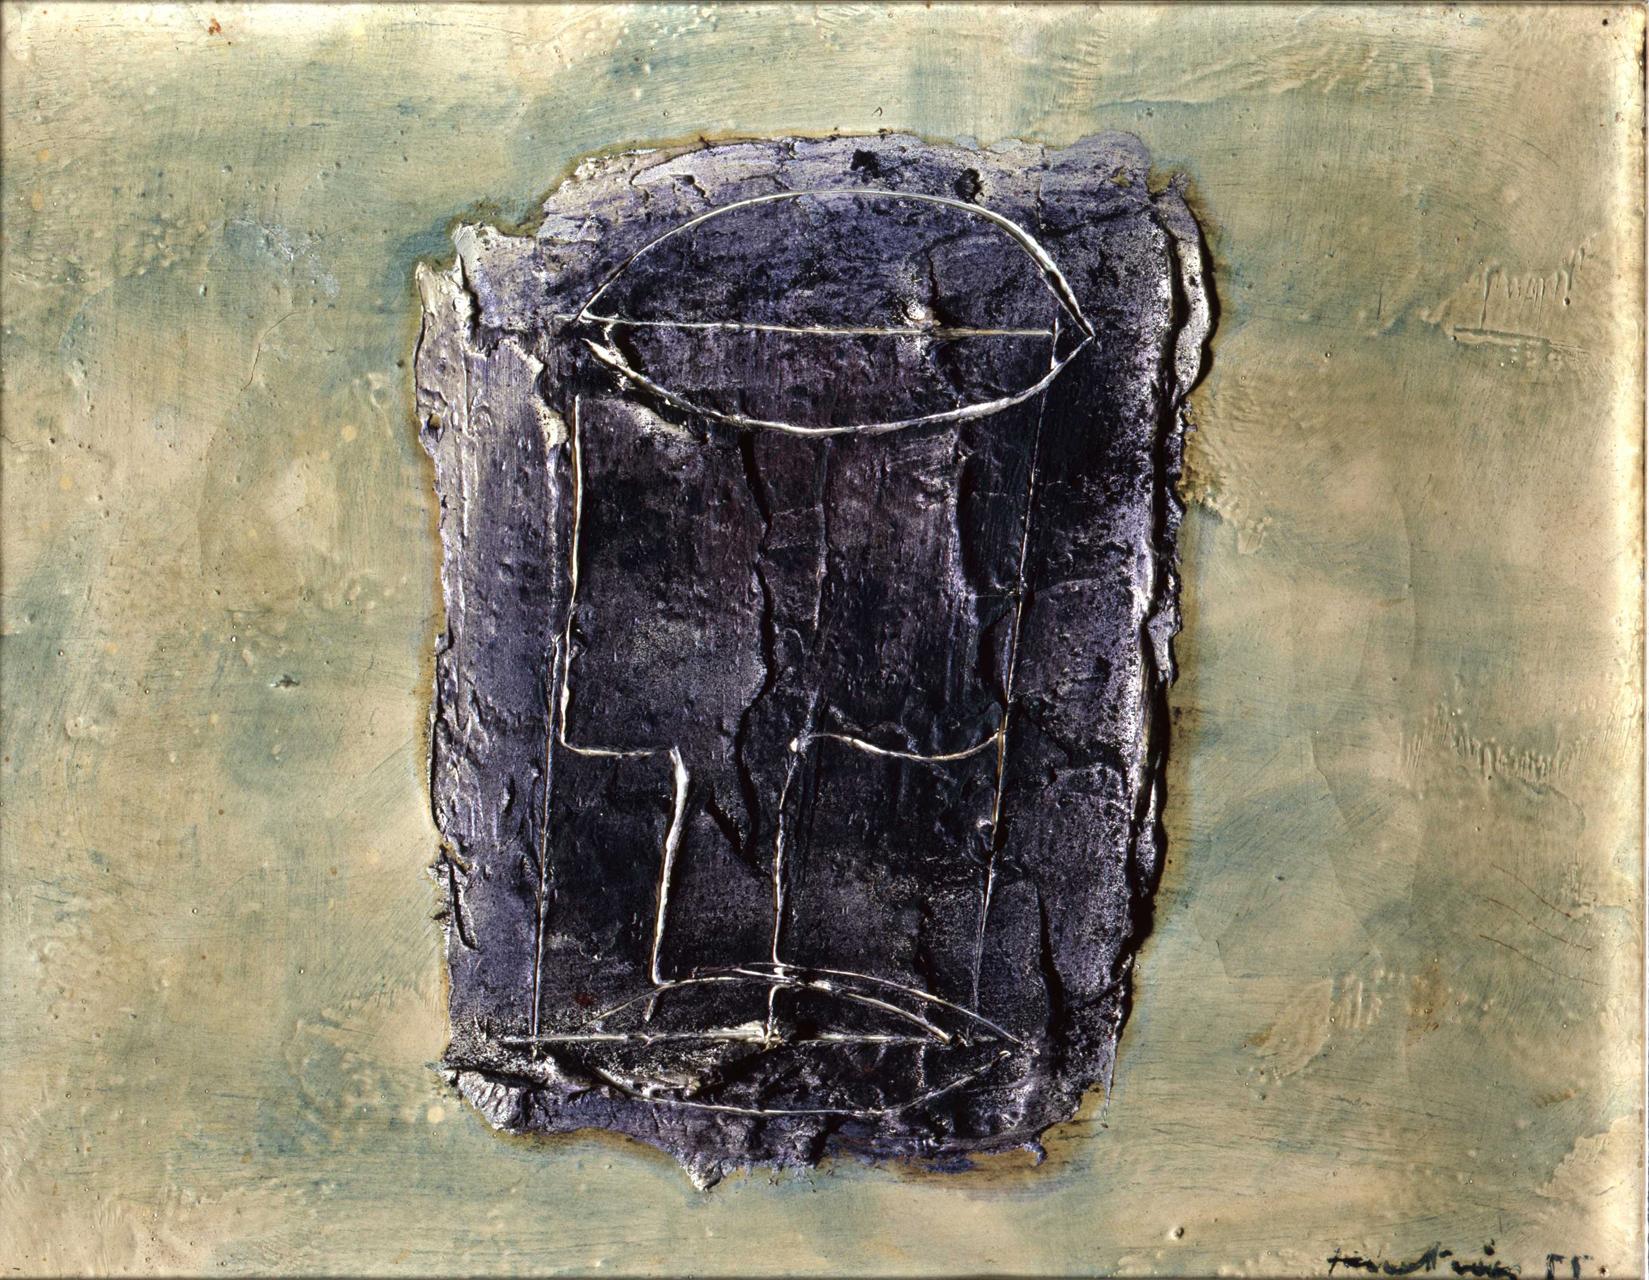 Jean Fautrier, Le Verre Vide, 1955, Öl auf Papier auf Leinwand aufgezogen, 27 x 35 cm